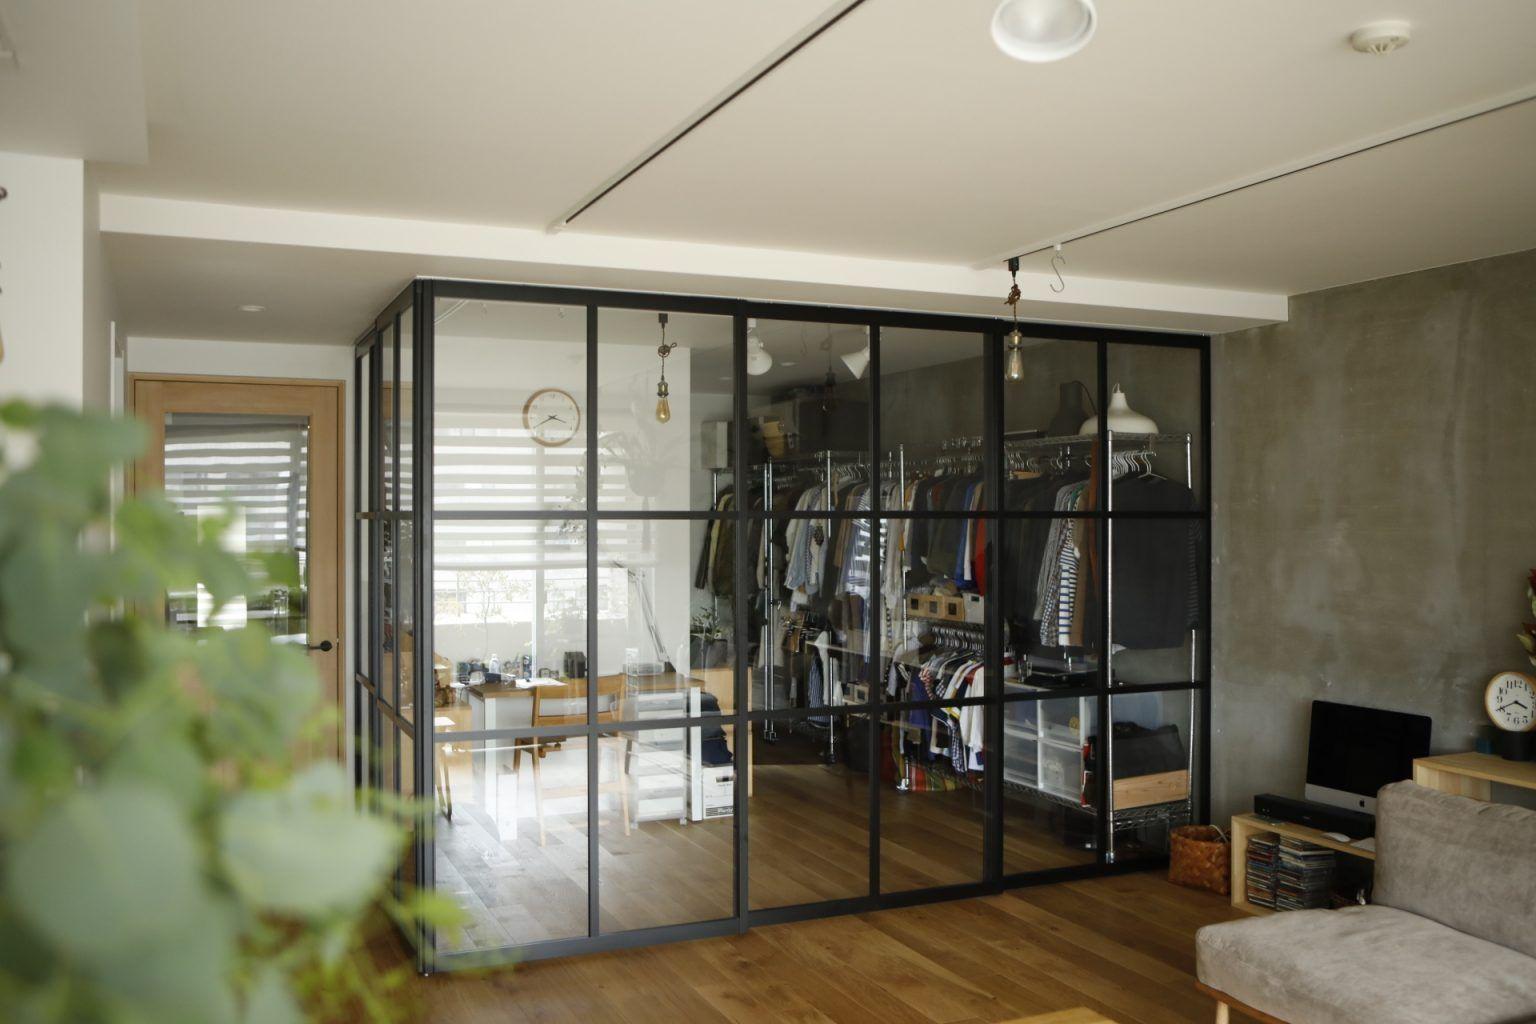 わが家の丸見え「ファミリークローゼット」   Emi blog   OURHOME   ちょうどいい。家族に寄り添う暮らしのよみもの